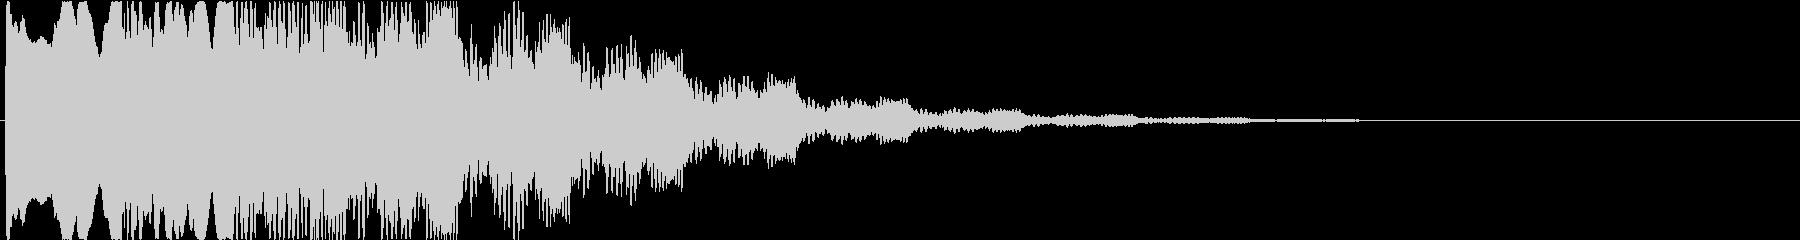 ゲーム:何か怪しいものを見つけた時の音2の未再生の波形